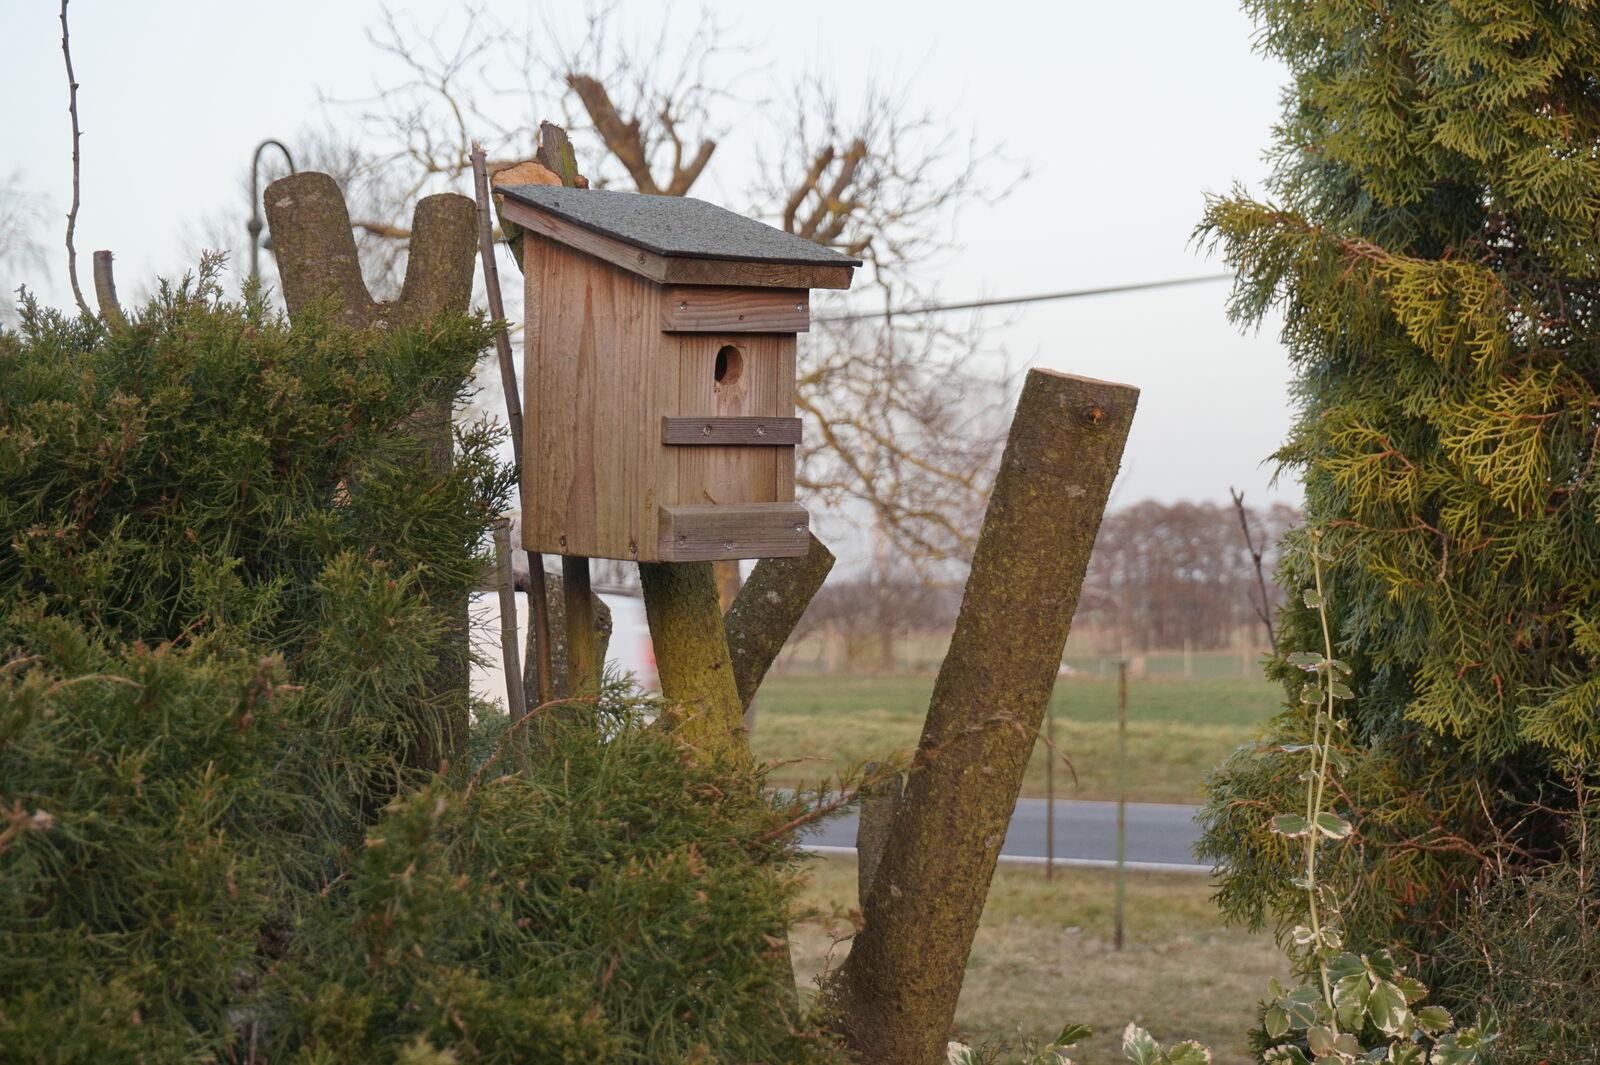 Aktion Nistkastenbau bis 31.03.2012